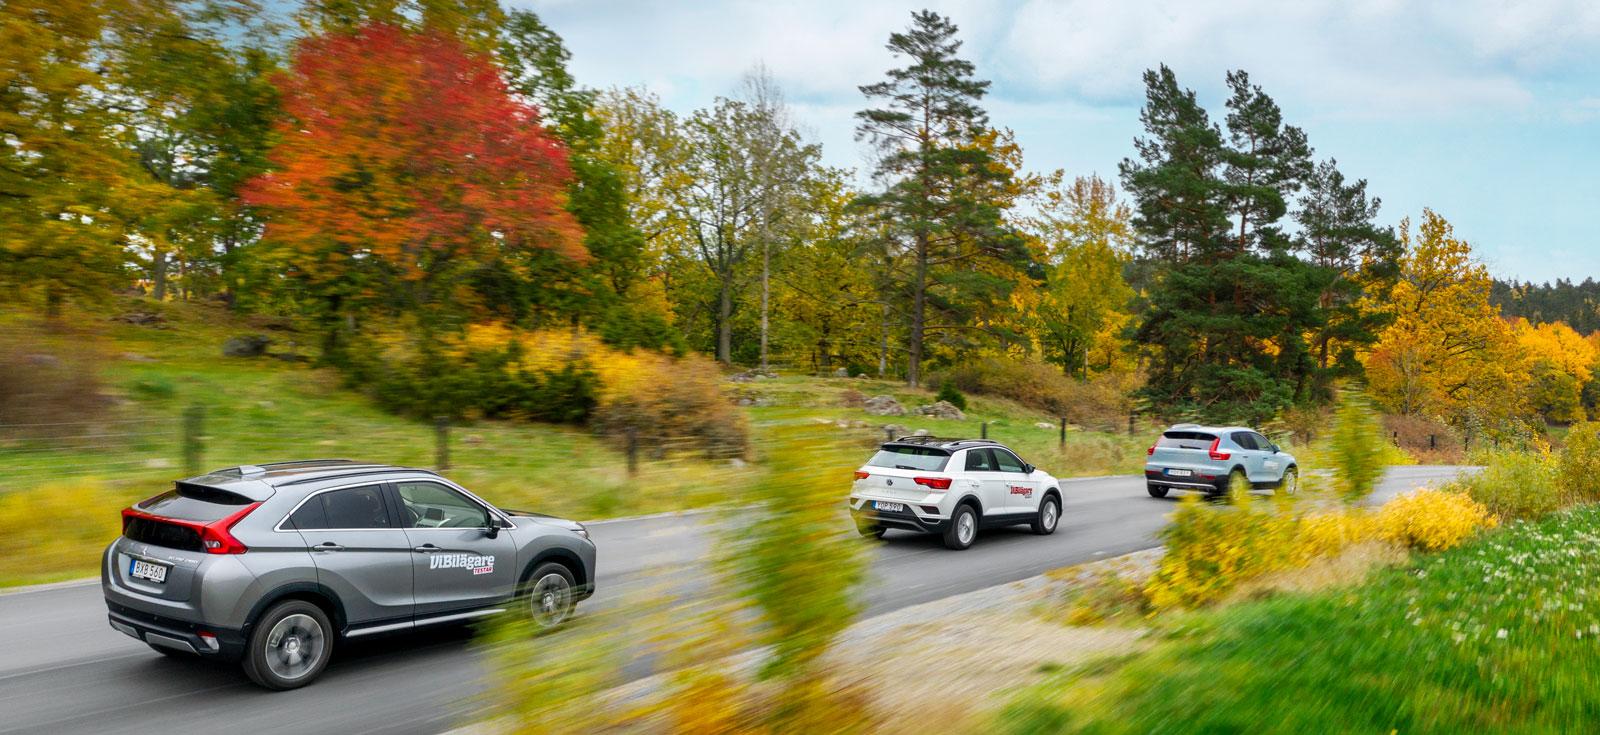 Budgetsuvar i höstmiljö. Volvo XC40 i täten före VW T-Roc. Sist Mitsubishi Eclipse Cross, med sitt märkligt utformade bakparti.